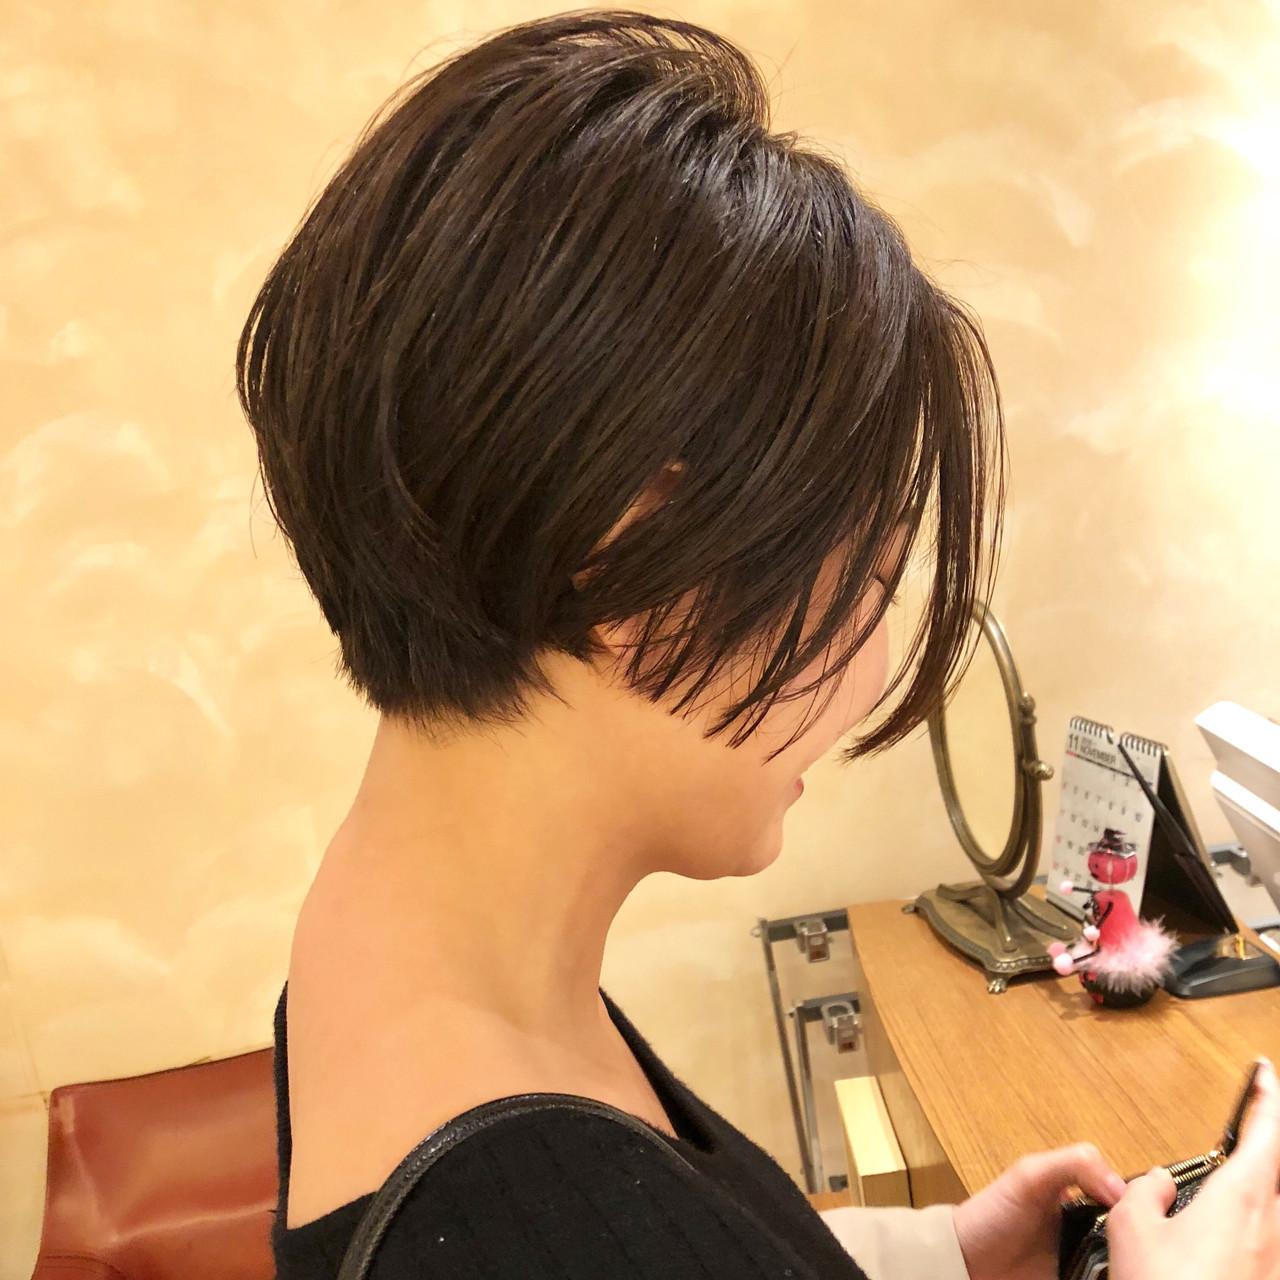 美シルエット モード ショートボブ 簡単スタイリング ヘアスタイルや髪型の写真・画像